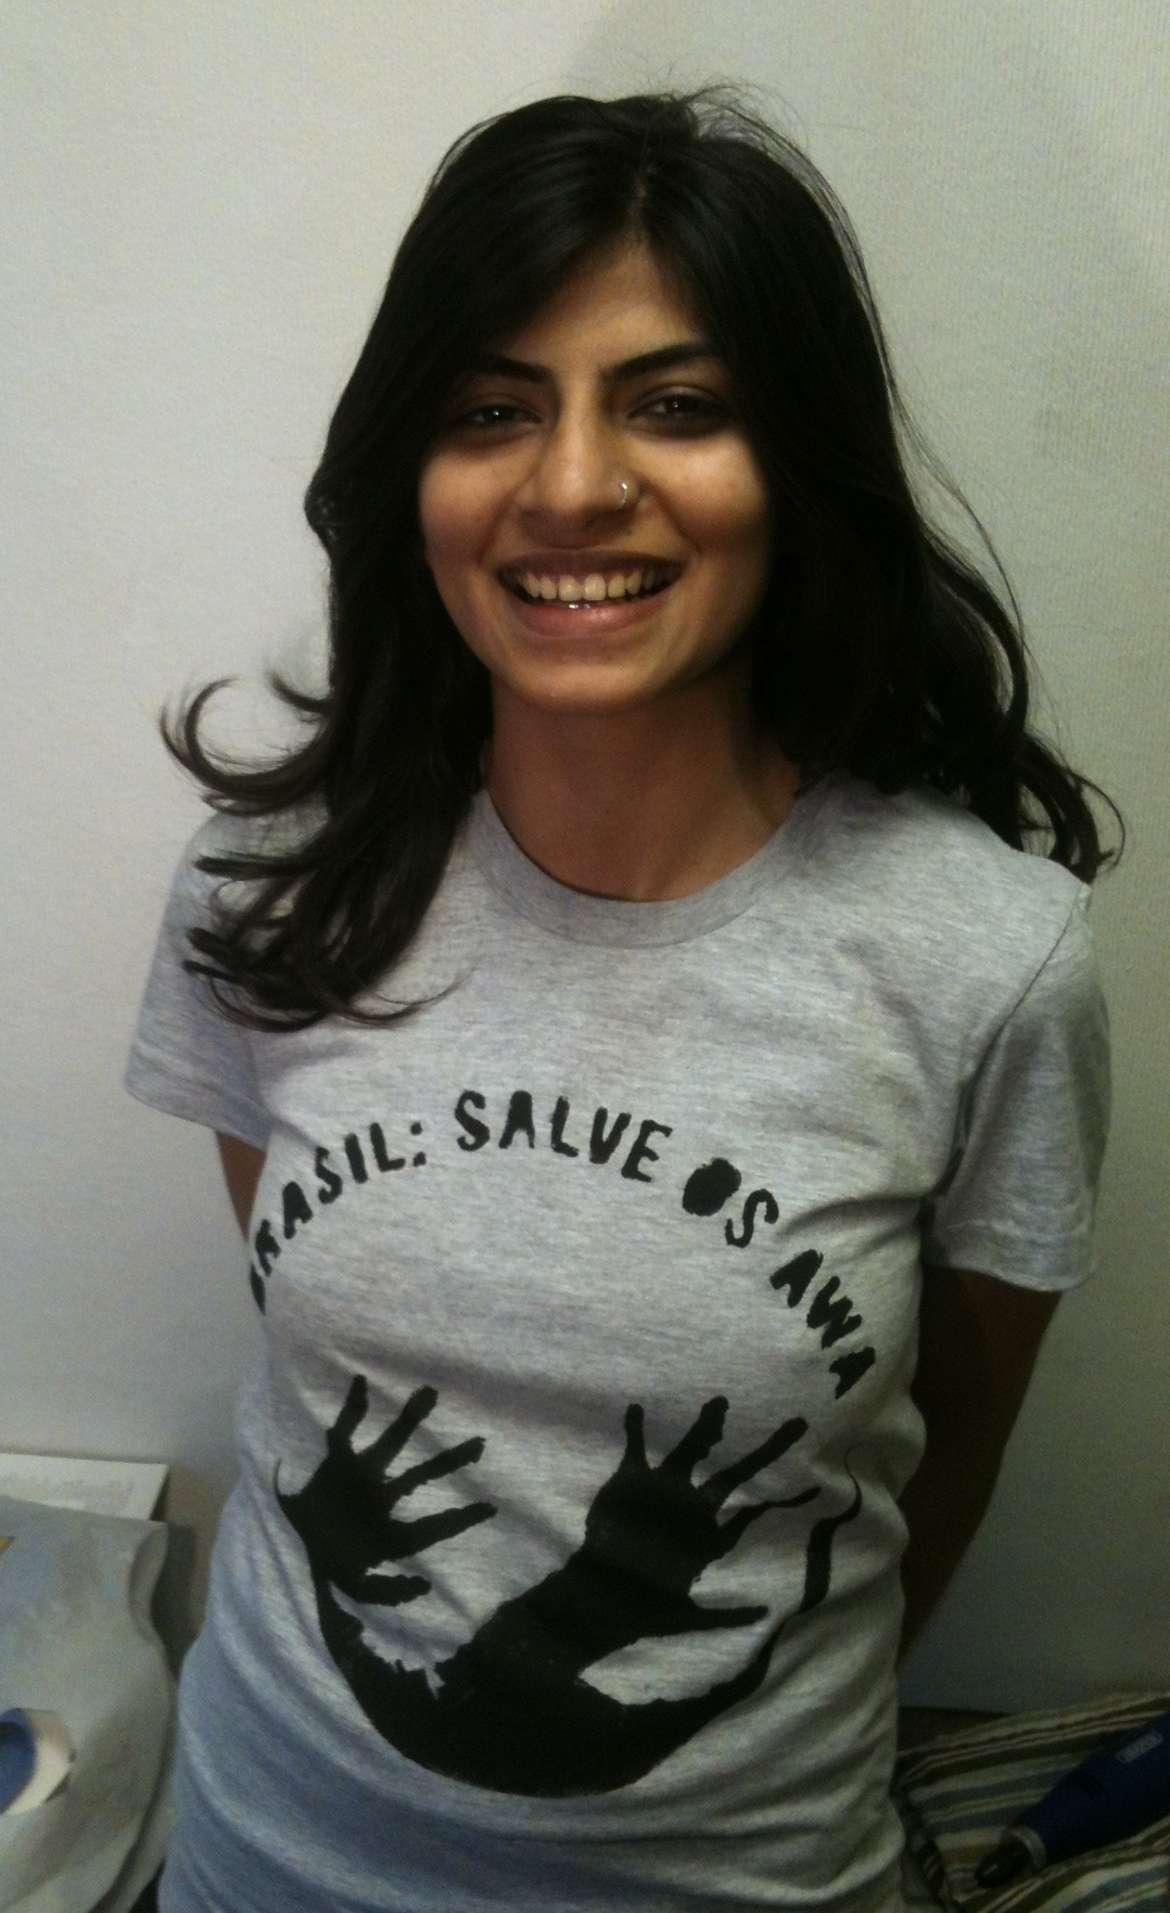 Eine Survival-Unterstützerin fordert mit ihrem T-Shirt den Schutz der Awá